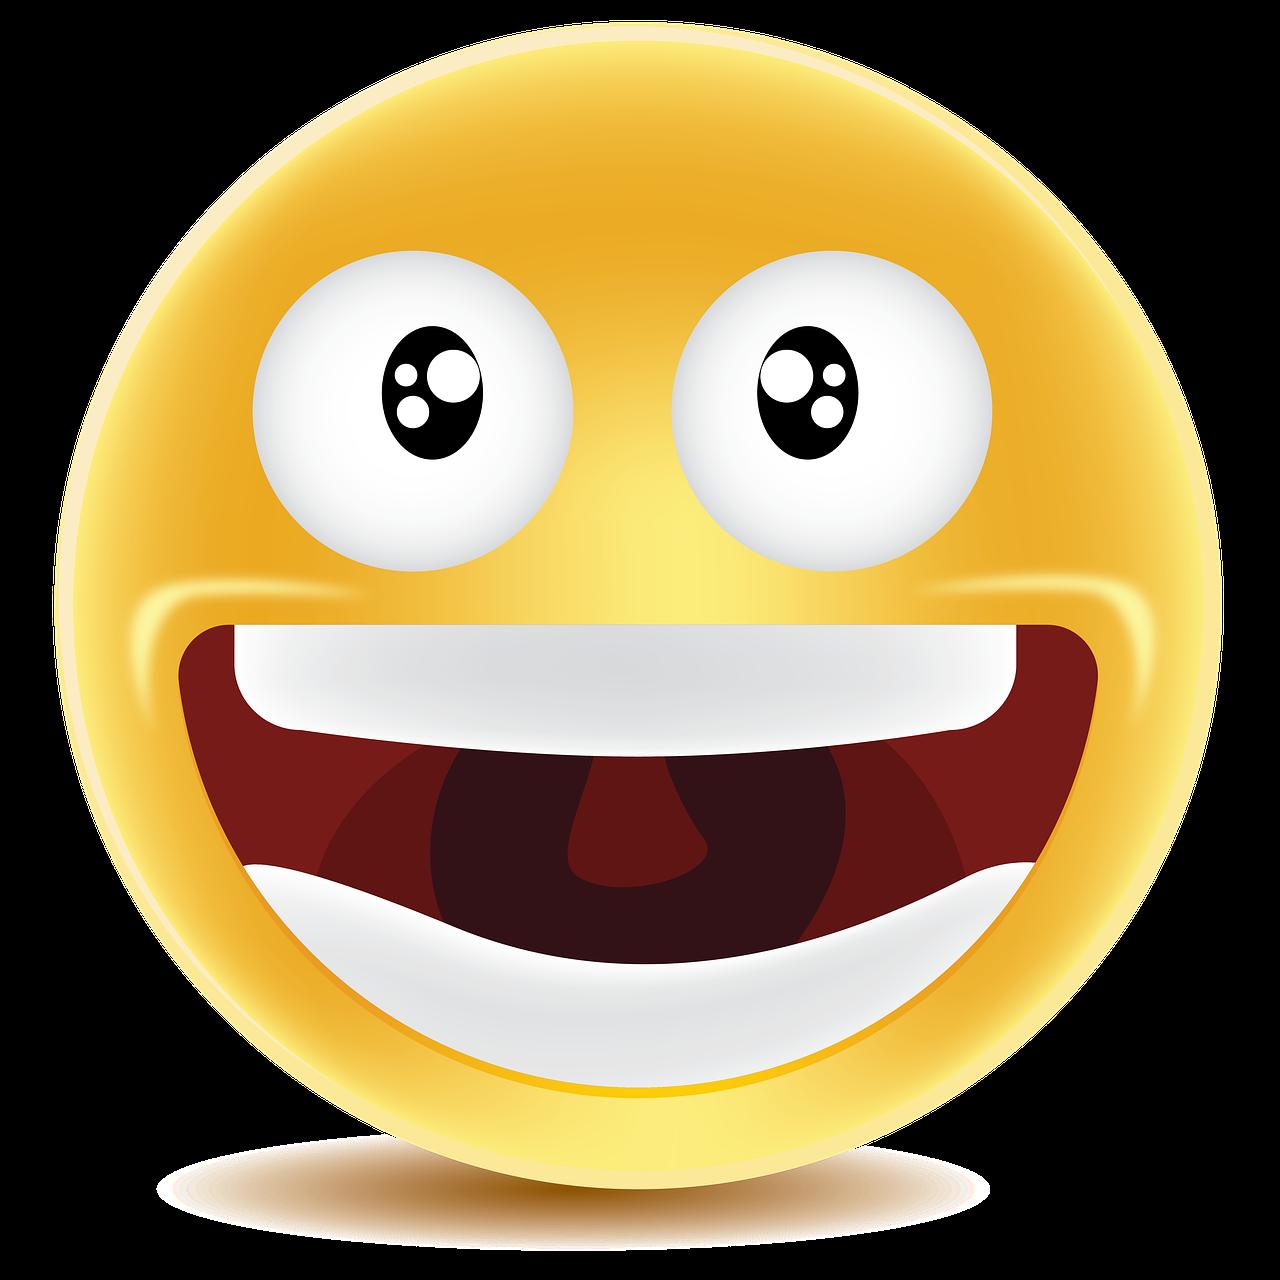 картинка смеющейсего смайлика преддверии